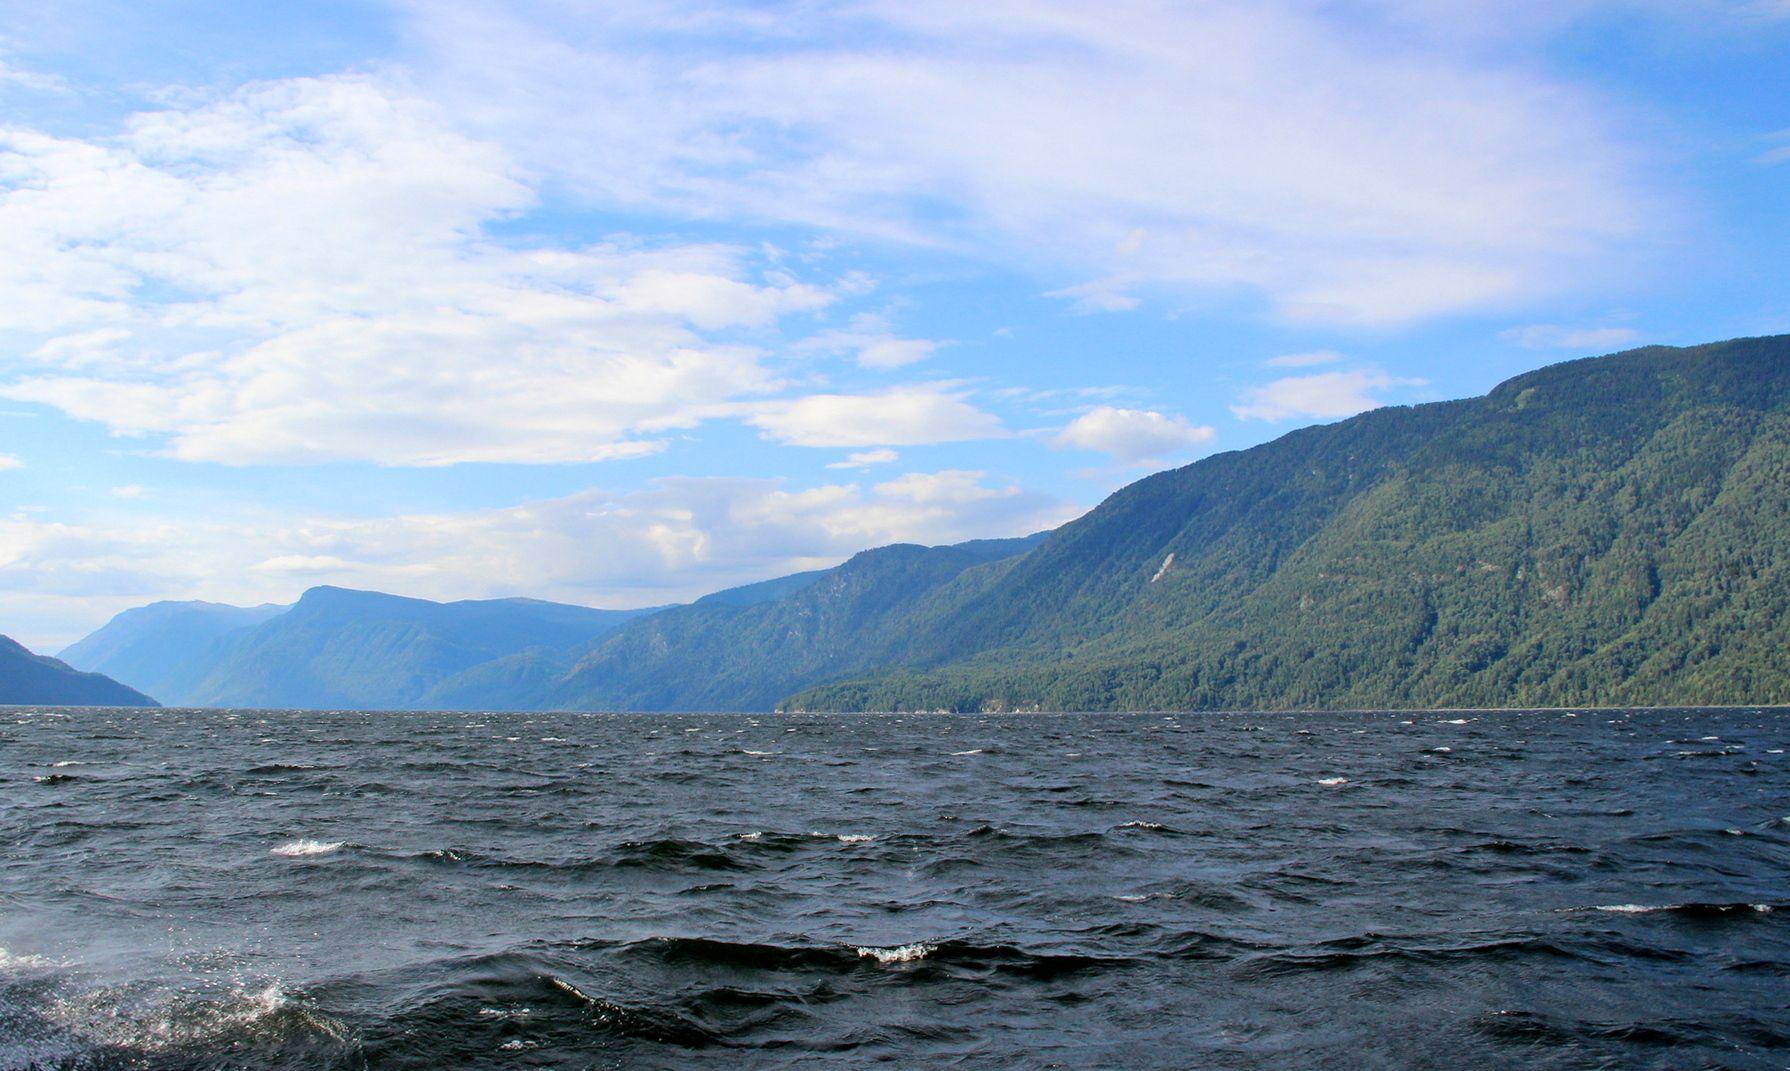 Ветру навстречу озеро телецкое алтай